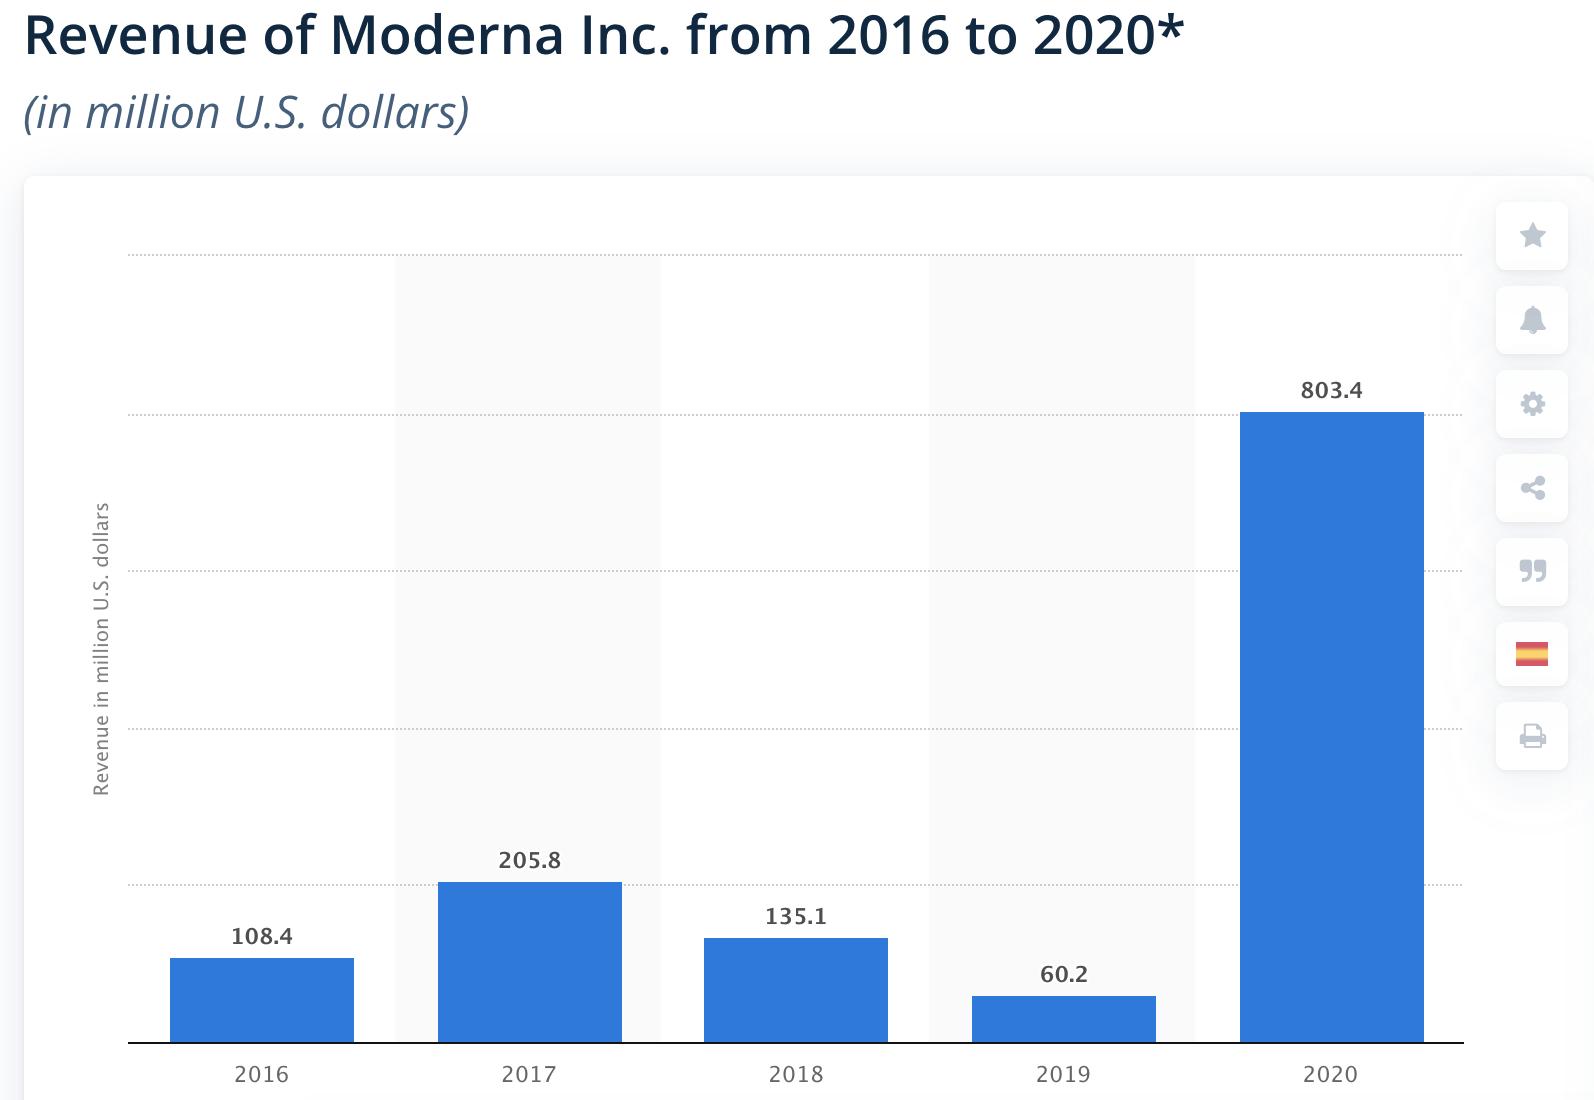 Moderna Revenue